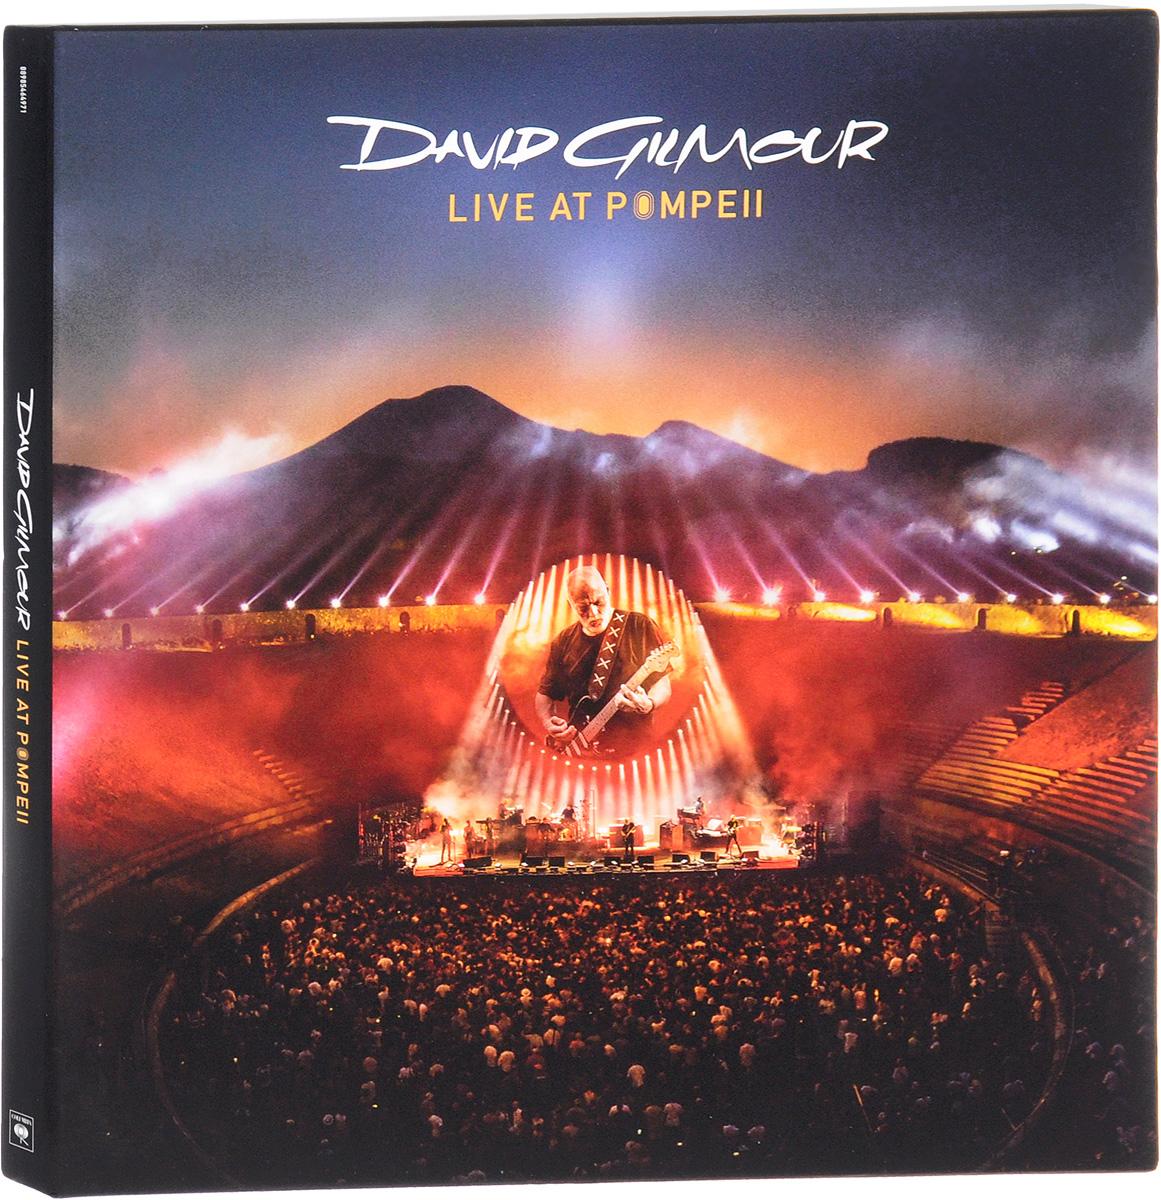 Дэвид Гилмор David Gilmour. Live At Pompeii (4 LP) blu ray david gilmour live at pompeii